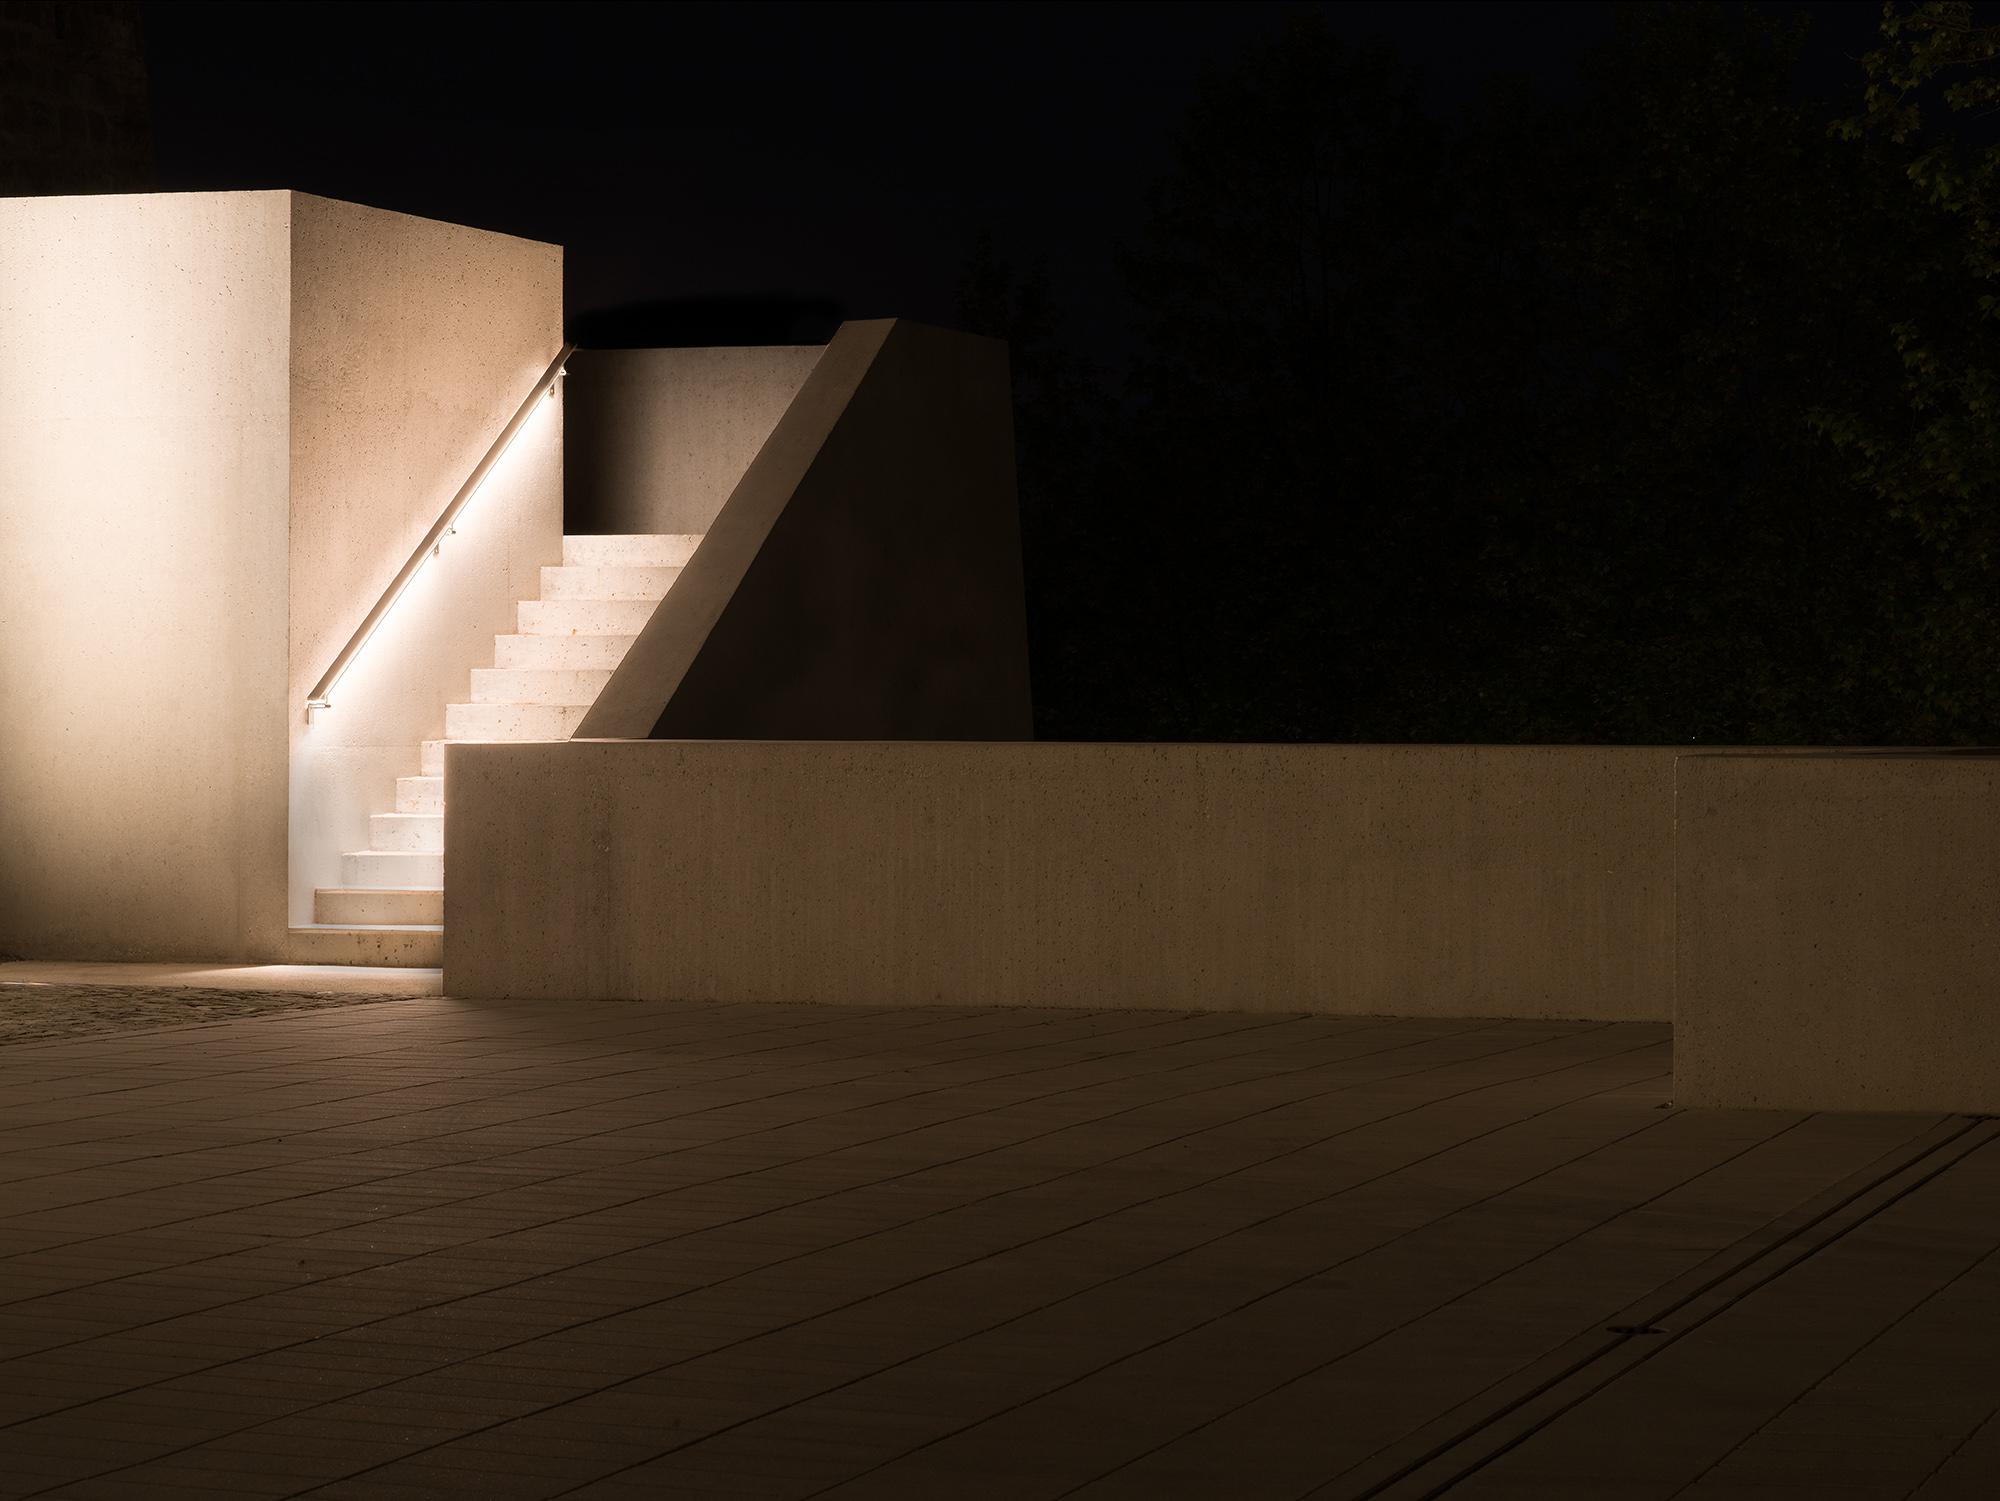 vue nocturne de l'entrée du château de Lausanne